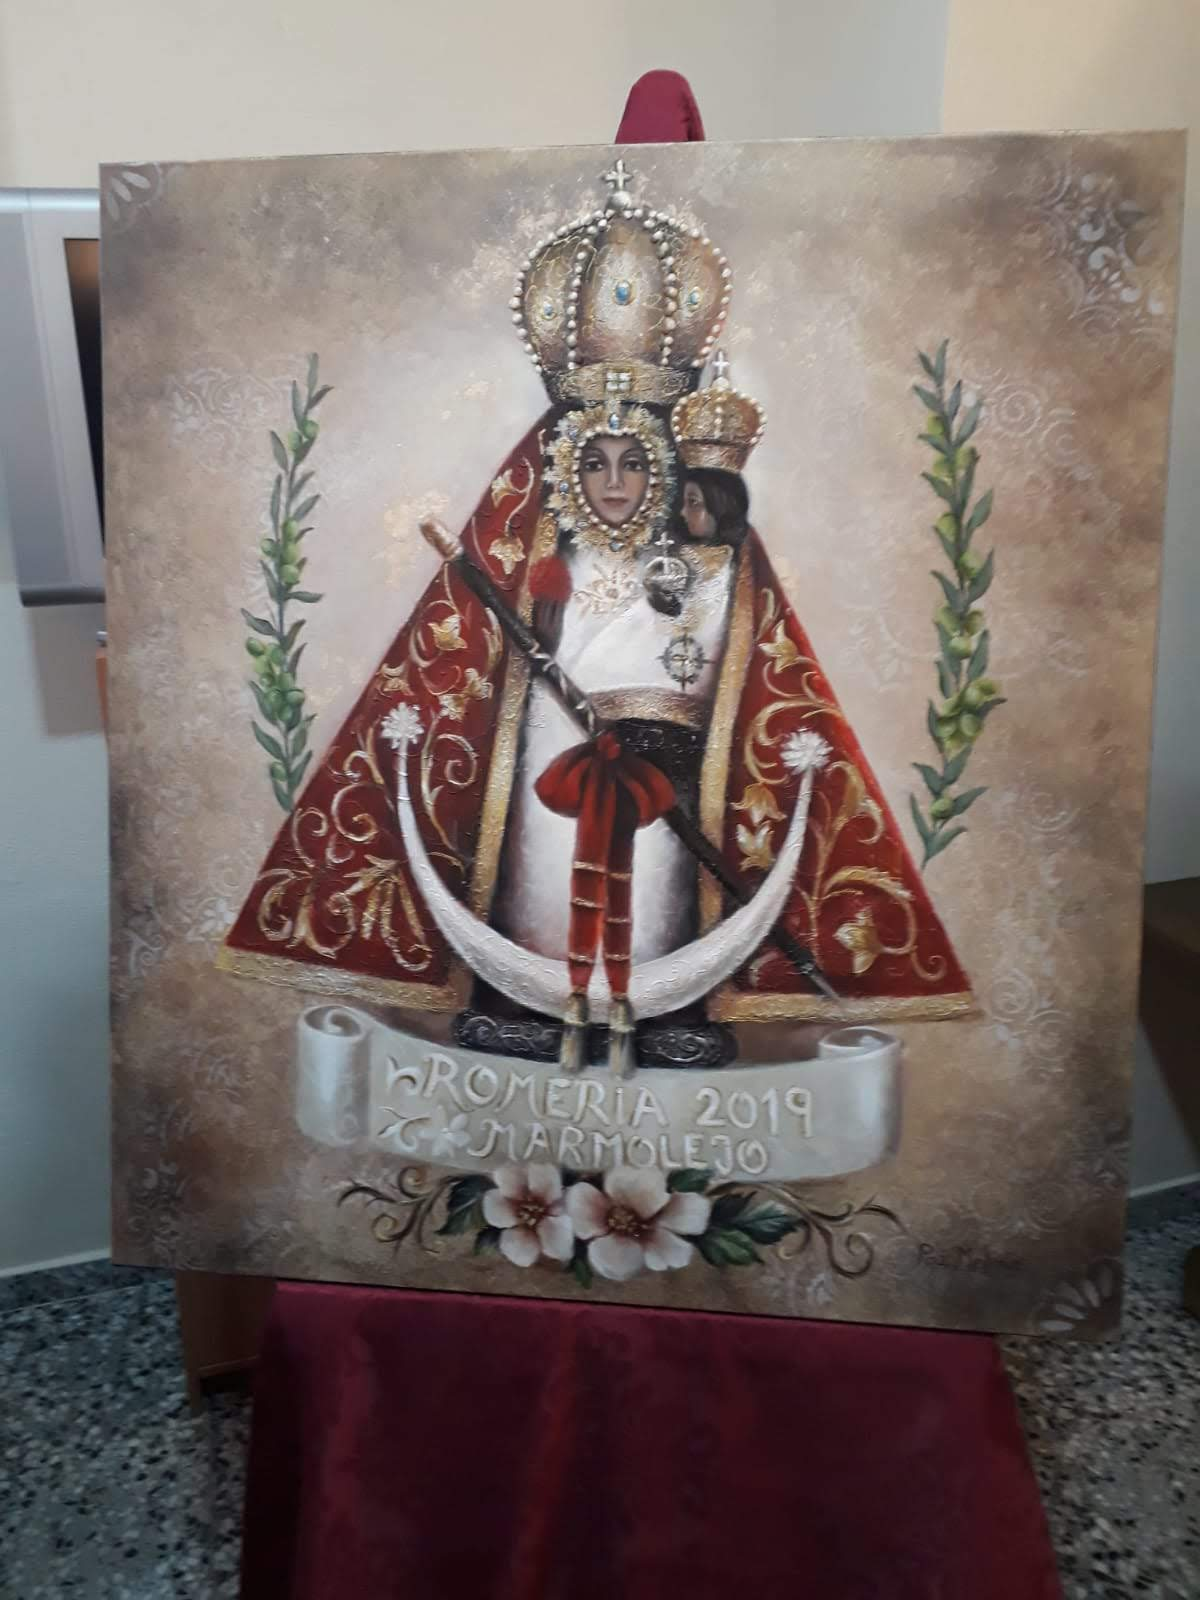 Cartel Romería Virgen de la Cabeza 2019 Marmolejo